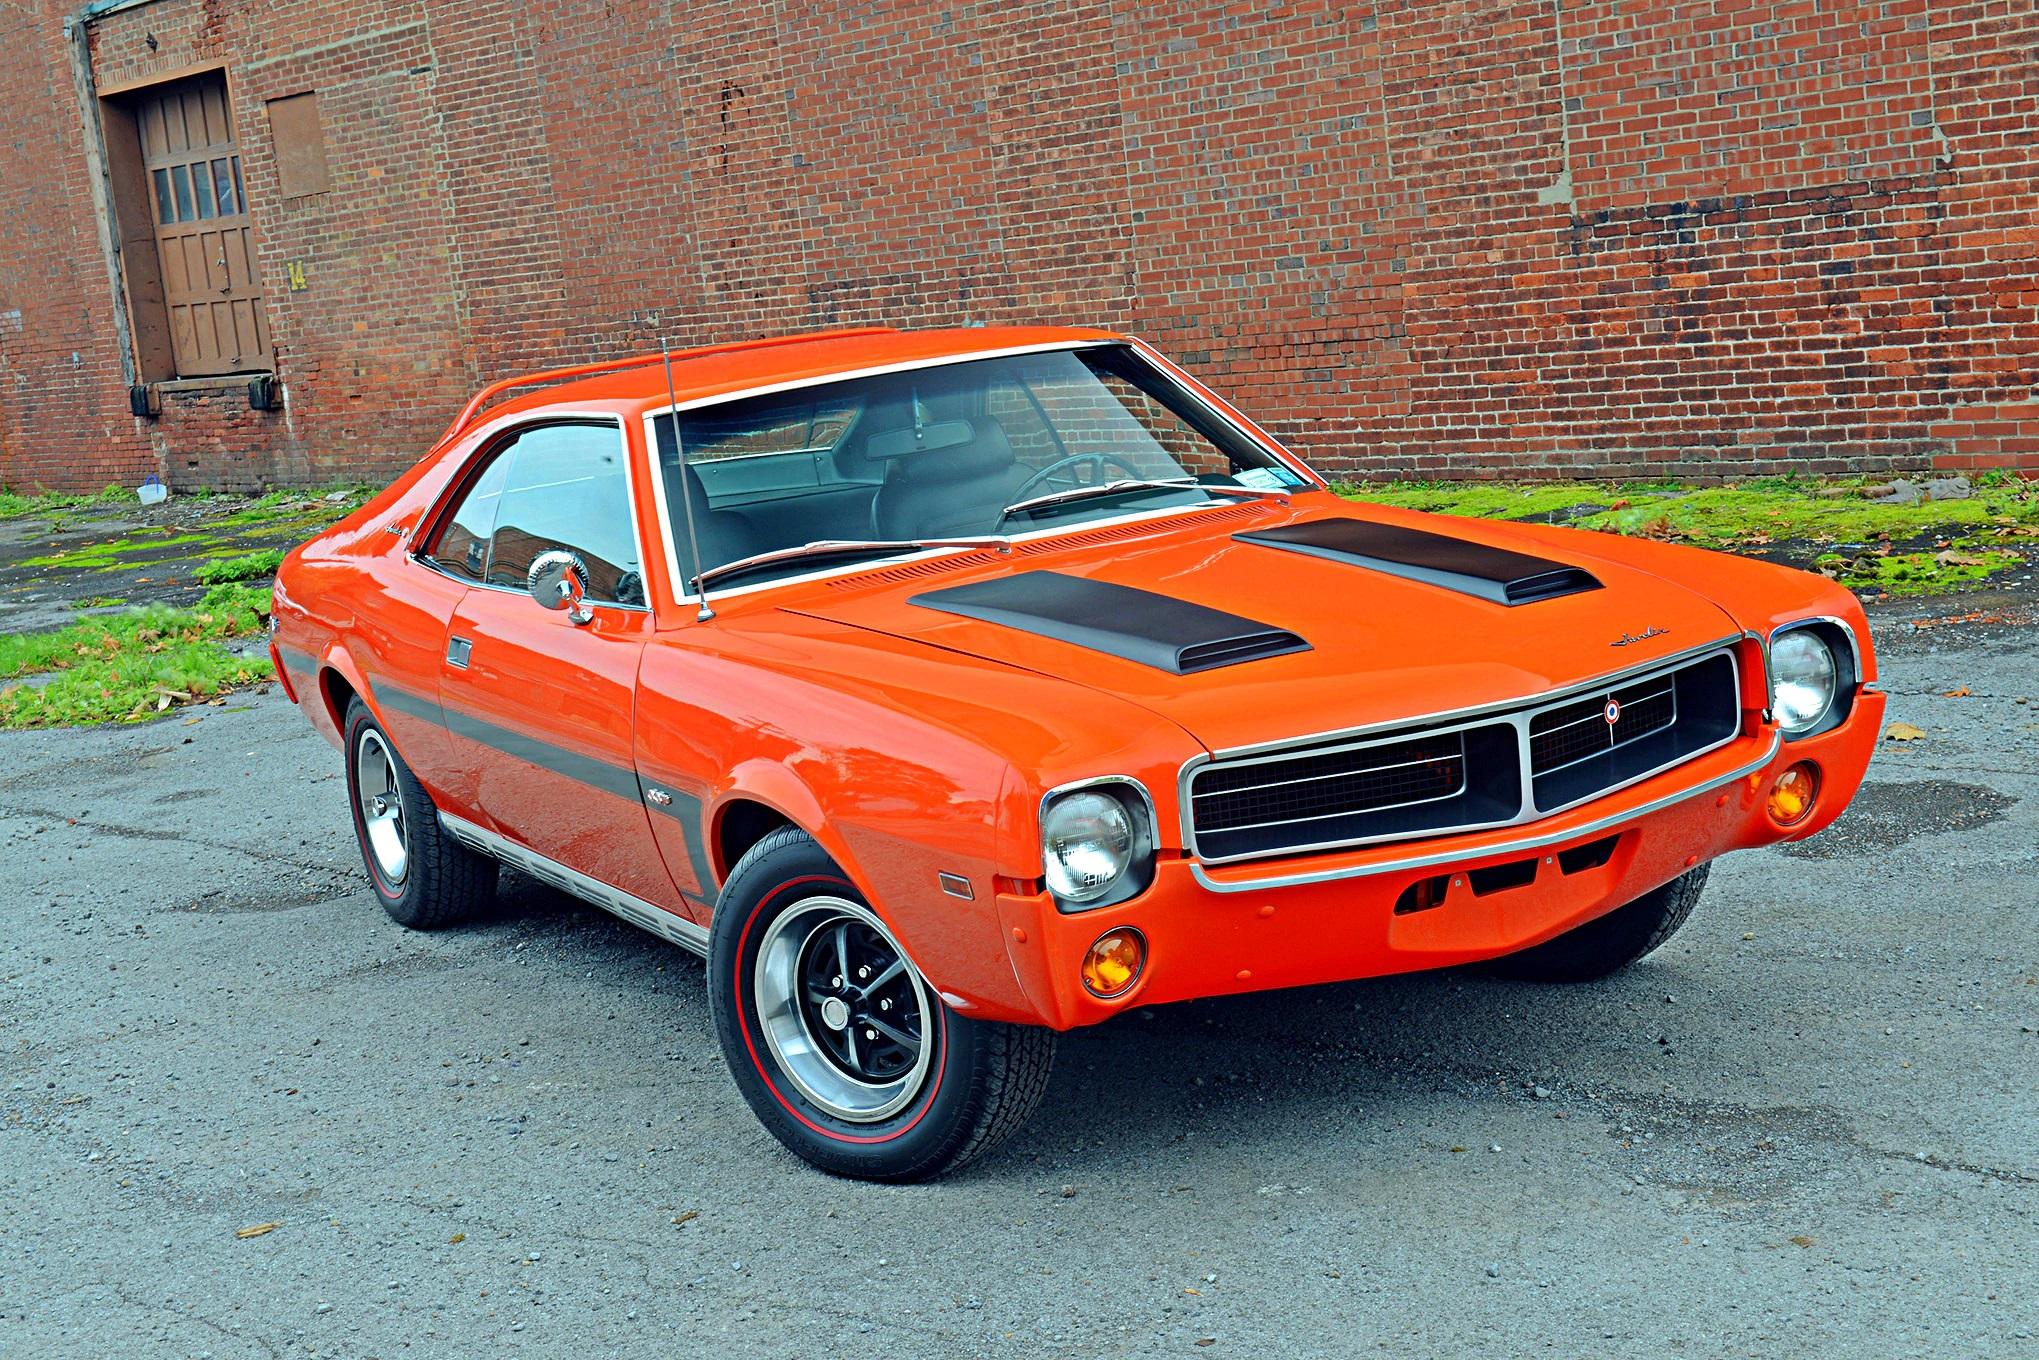 Amc Javelin was a very good pony car